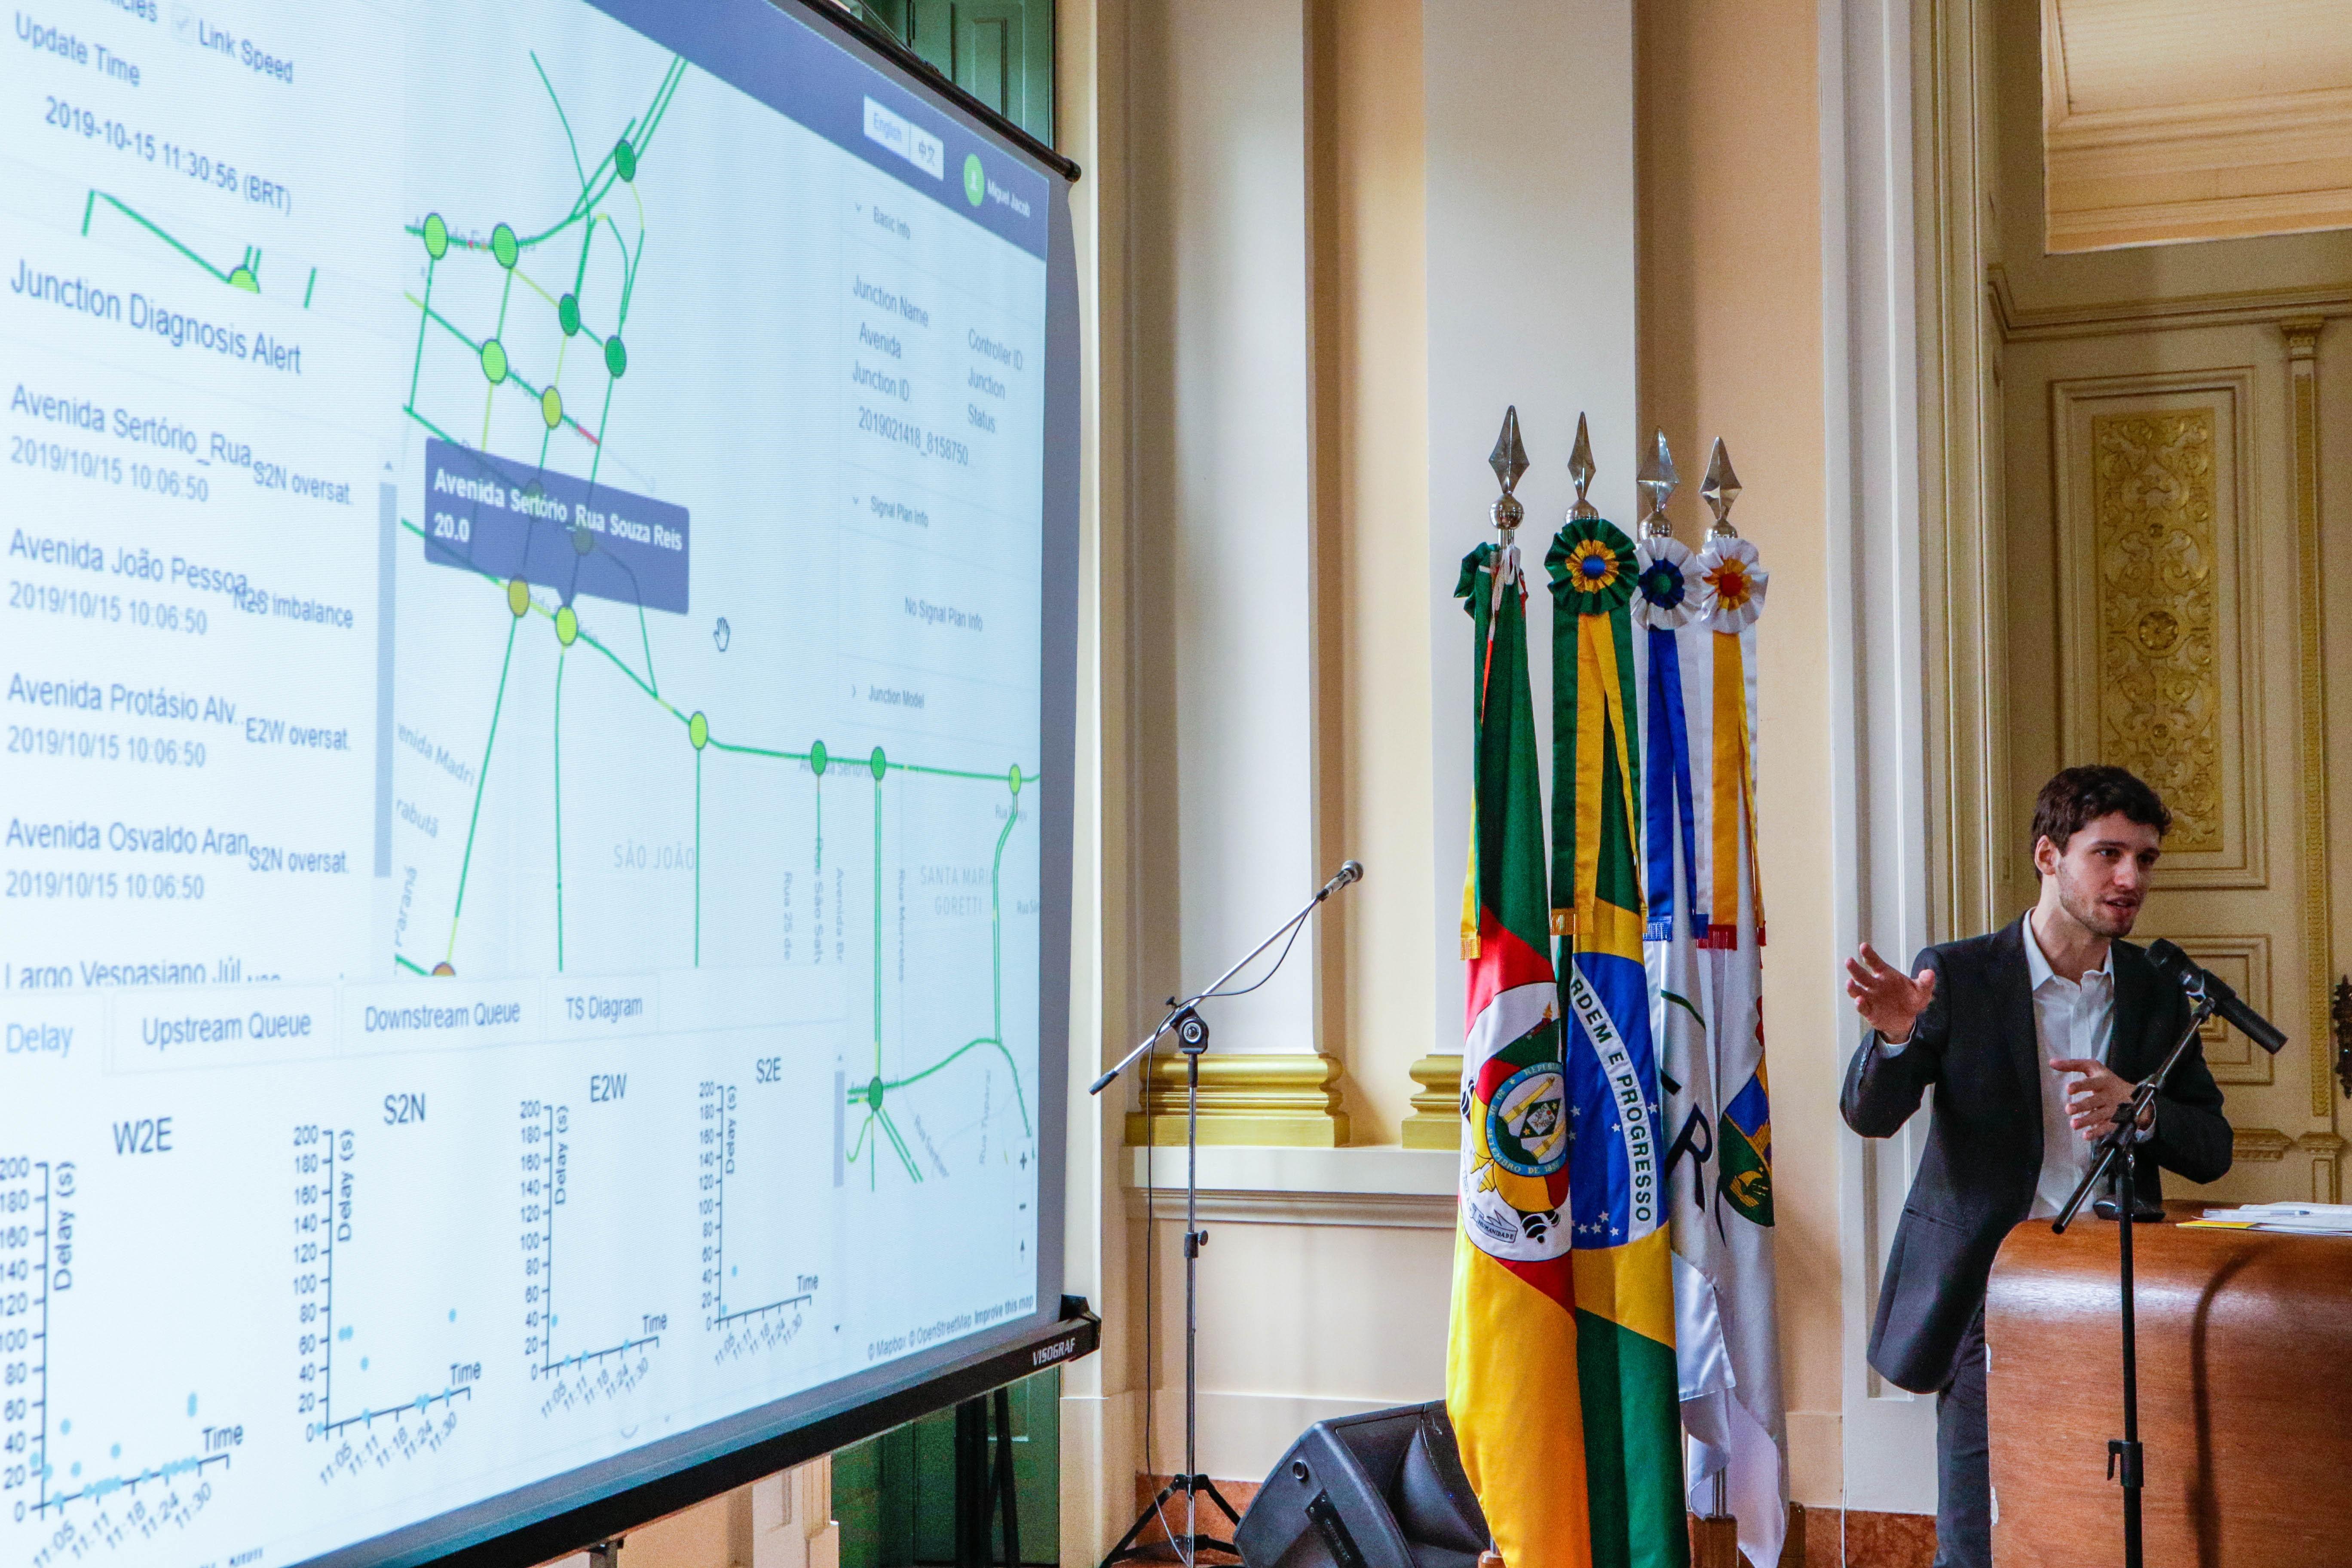 Prefeitura de Porto Alegre apresenta ferramenta que fornece informações em tempo real sobre o trânsito - Notícias - Plantão Diário